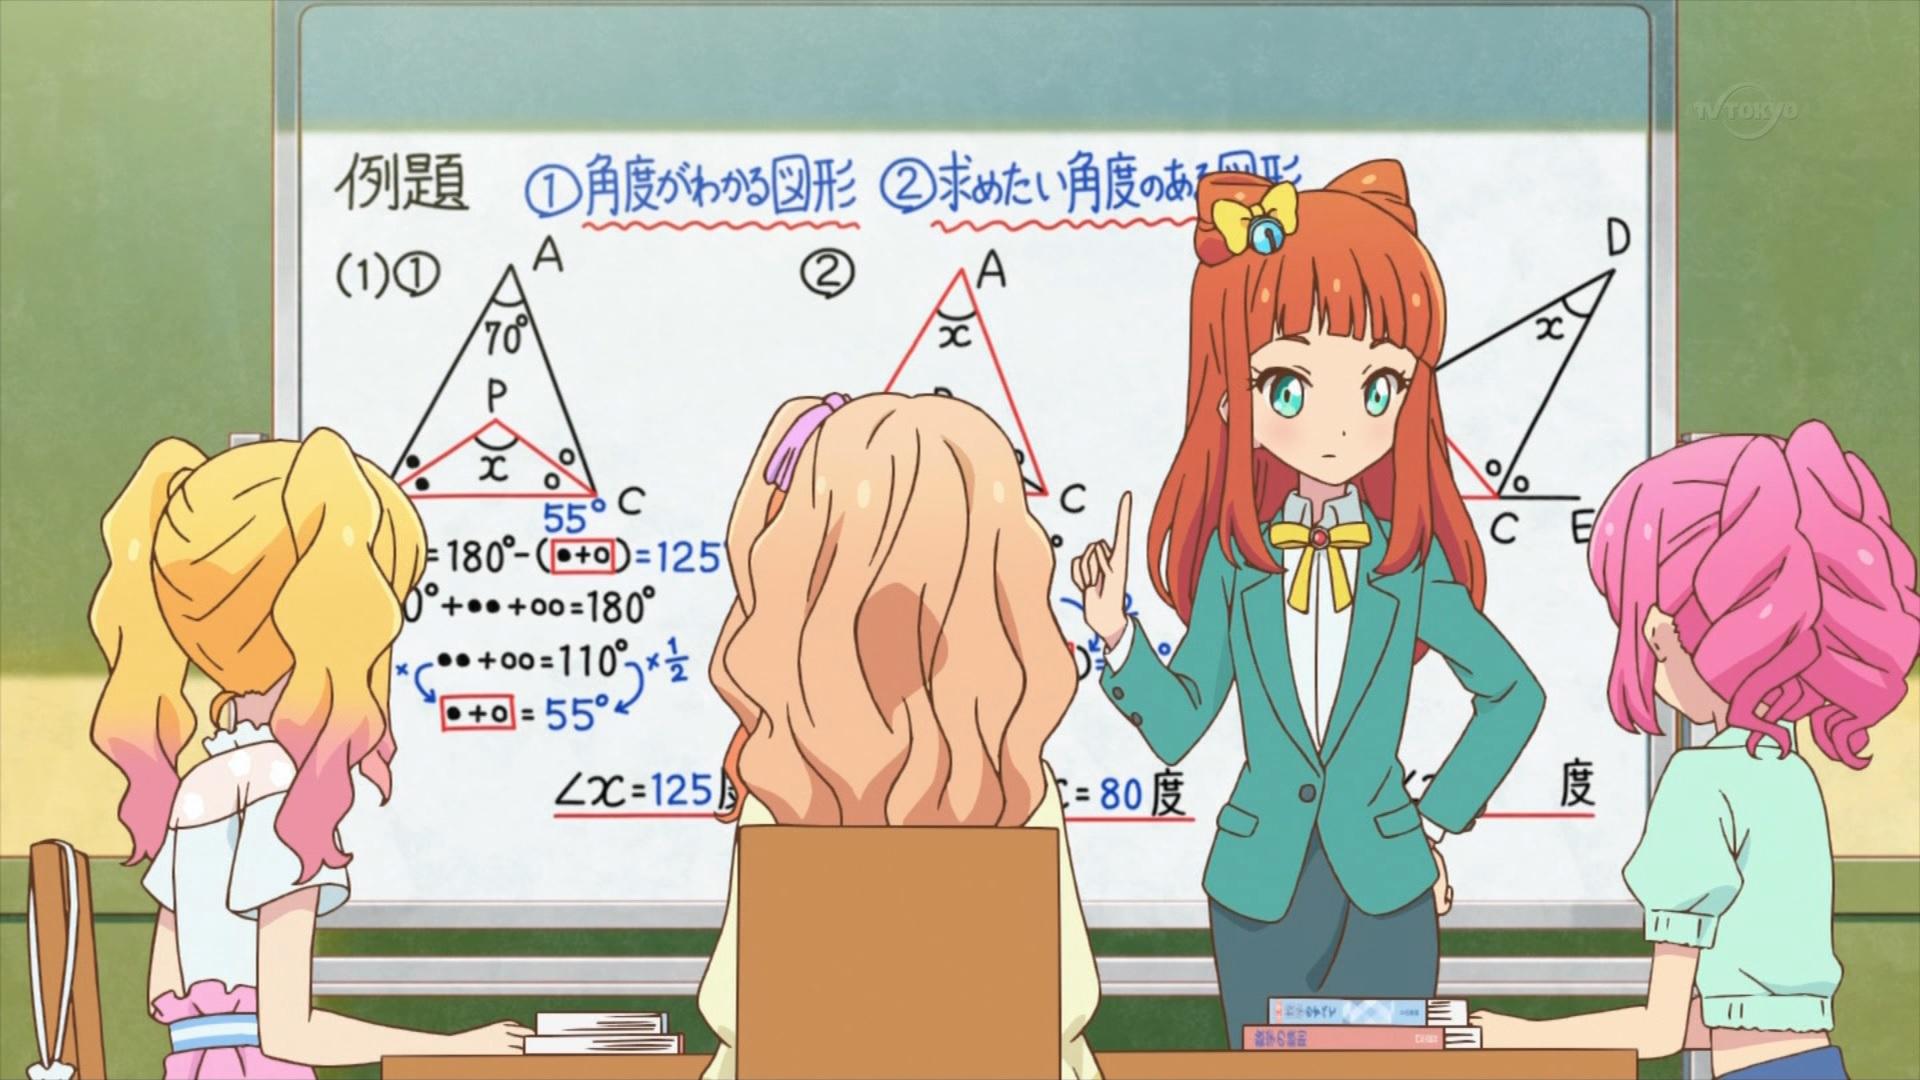 早乙女あこの数学の授業